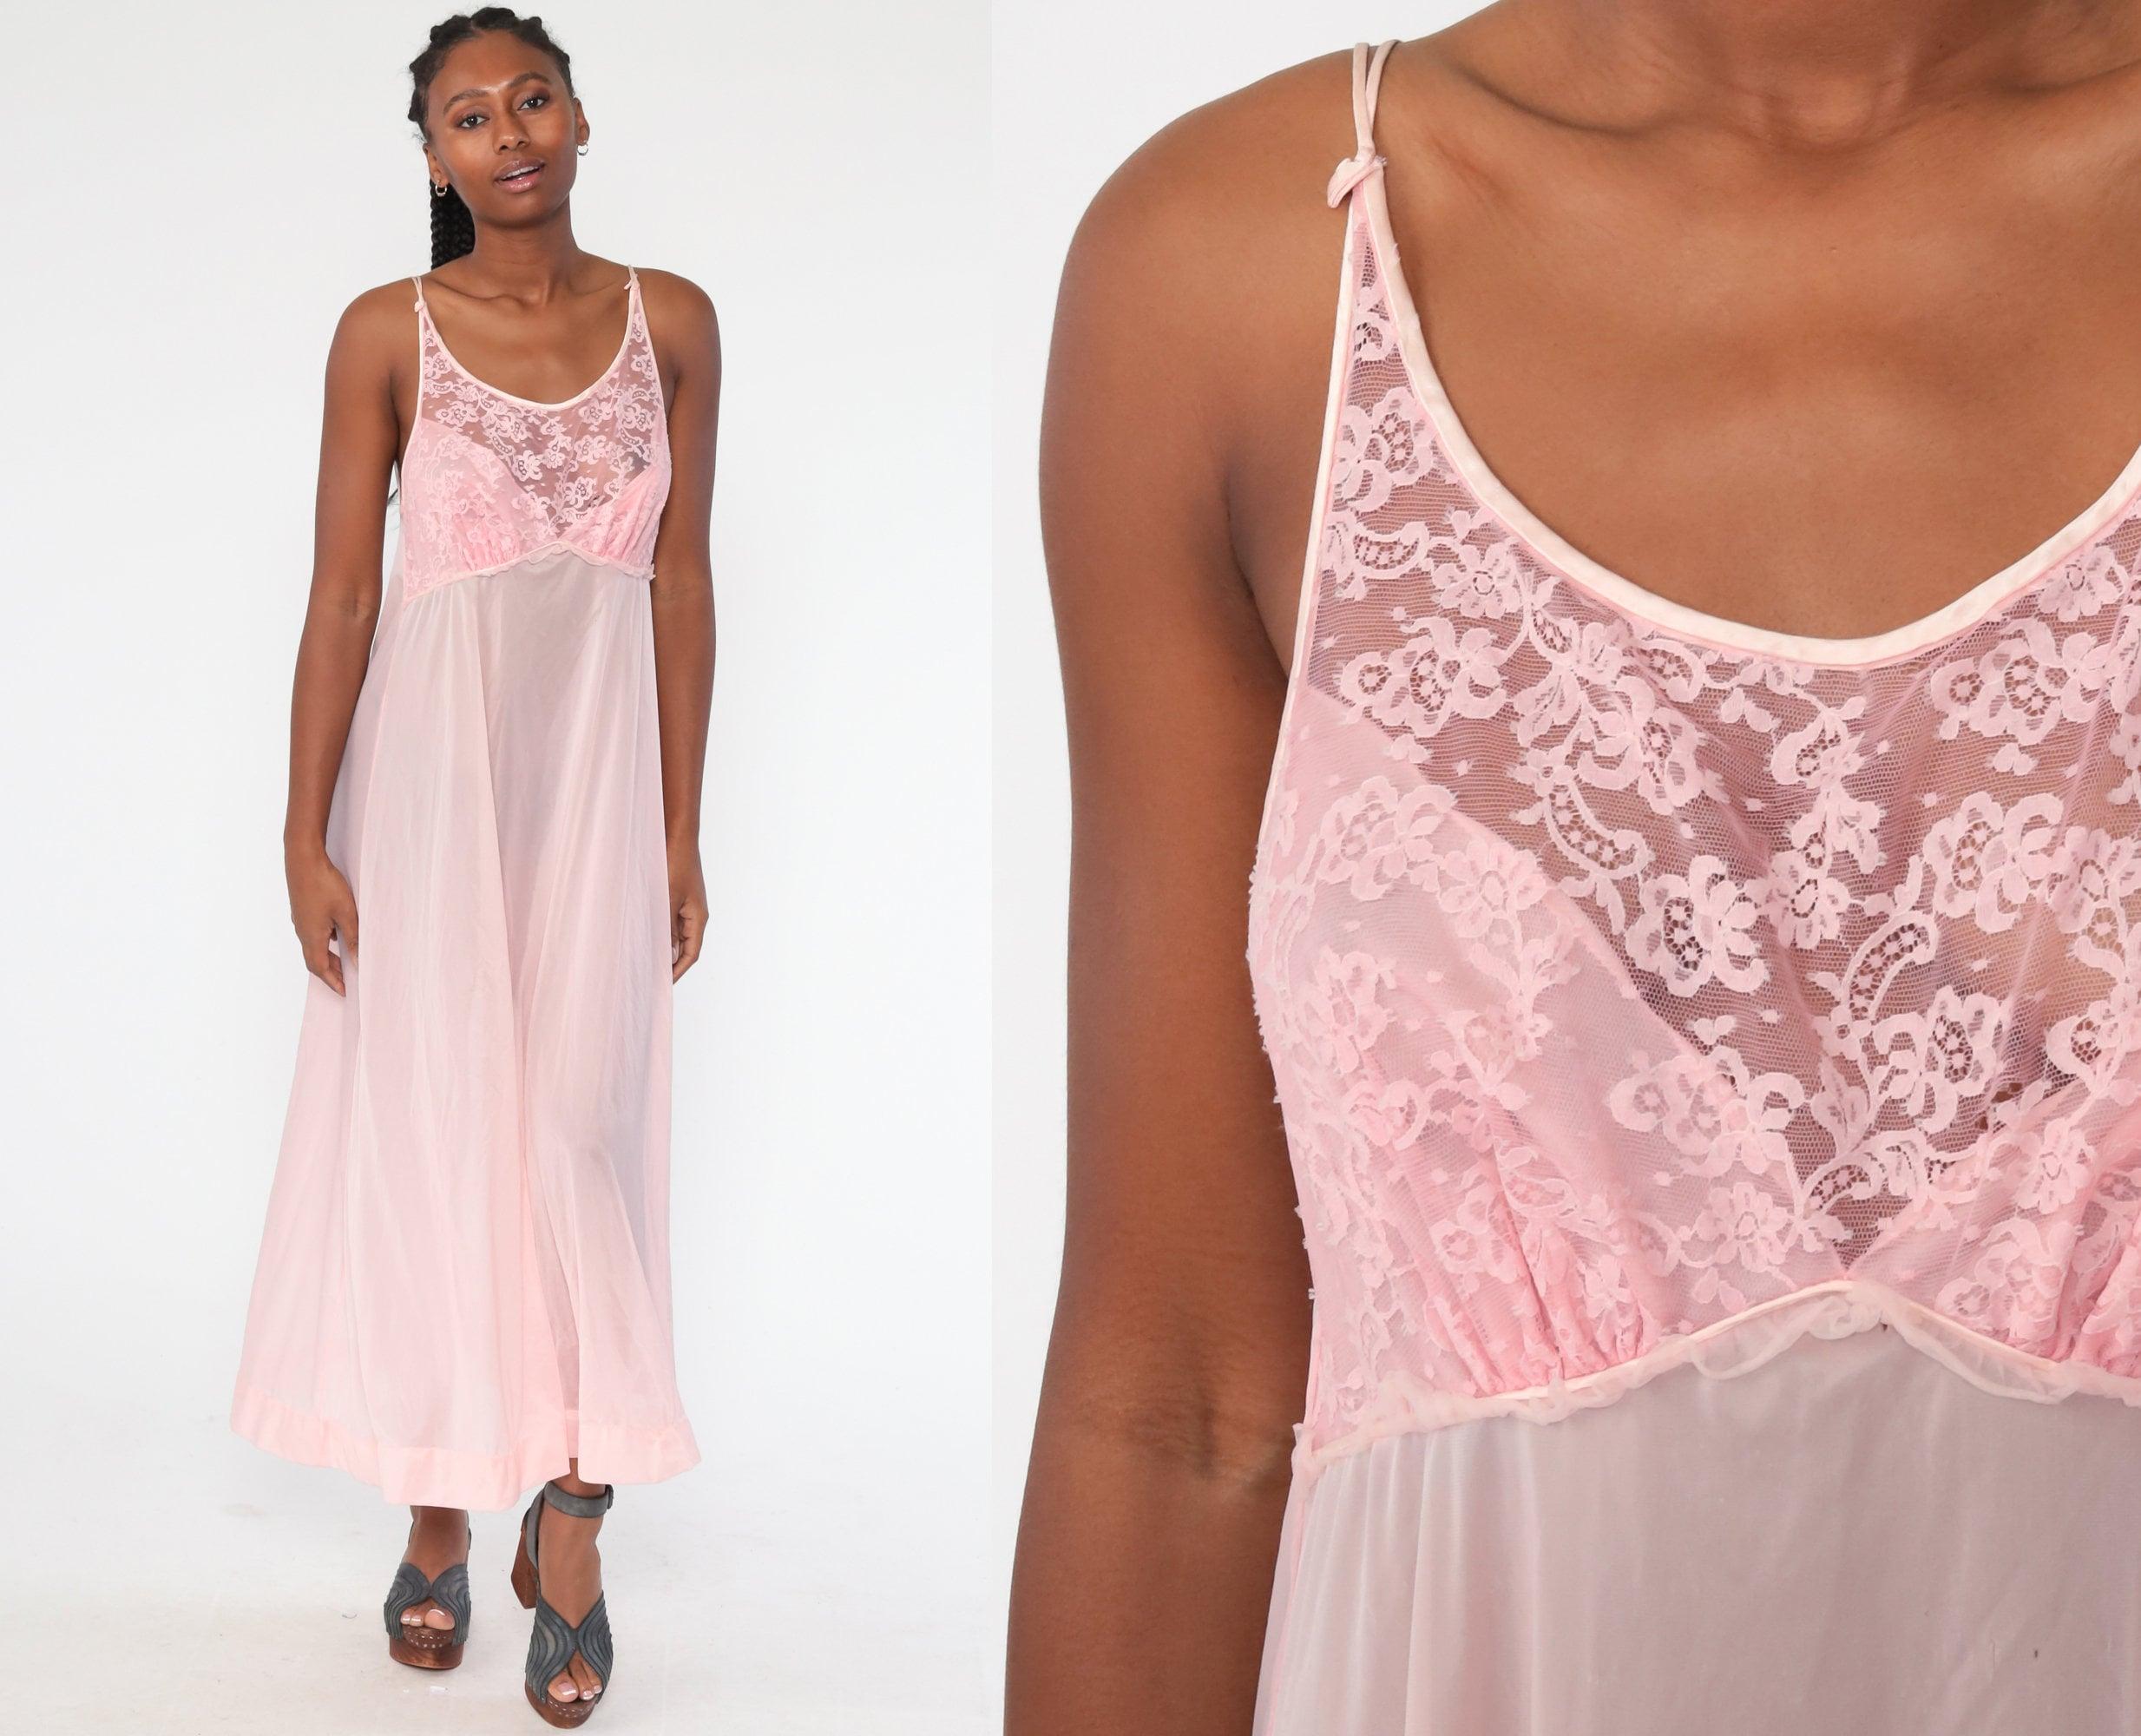 1970s slip vintage lace lingerie vintage 1970s pink lingerie slip